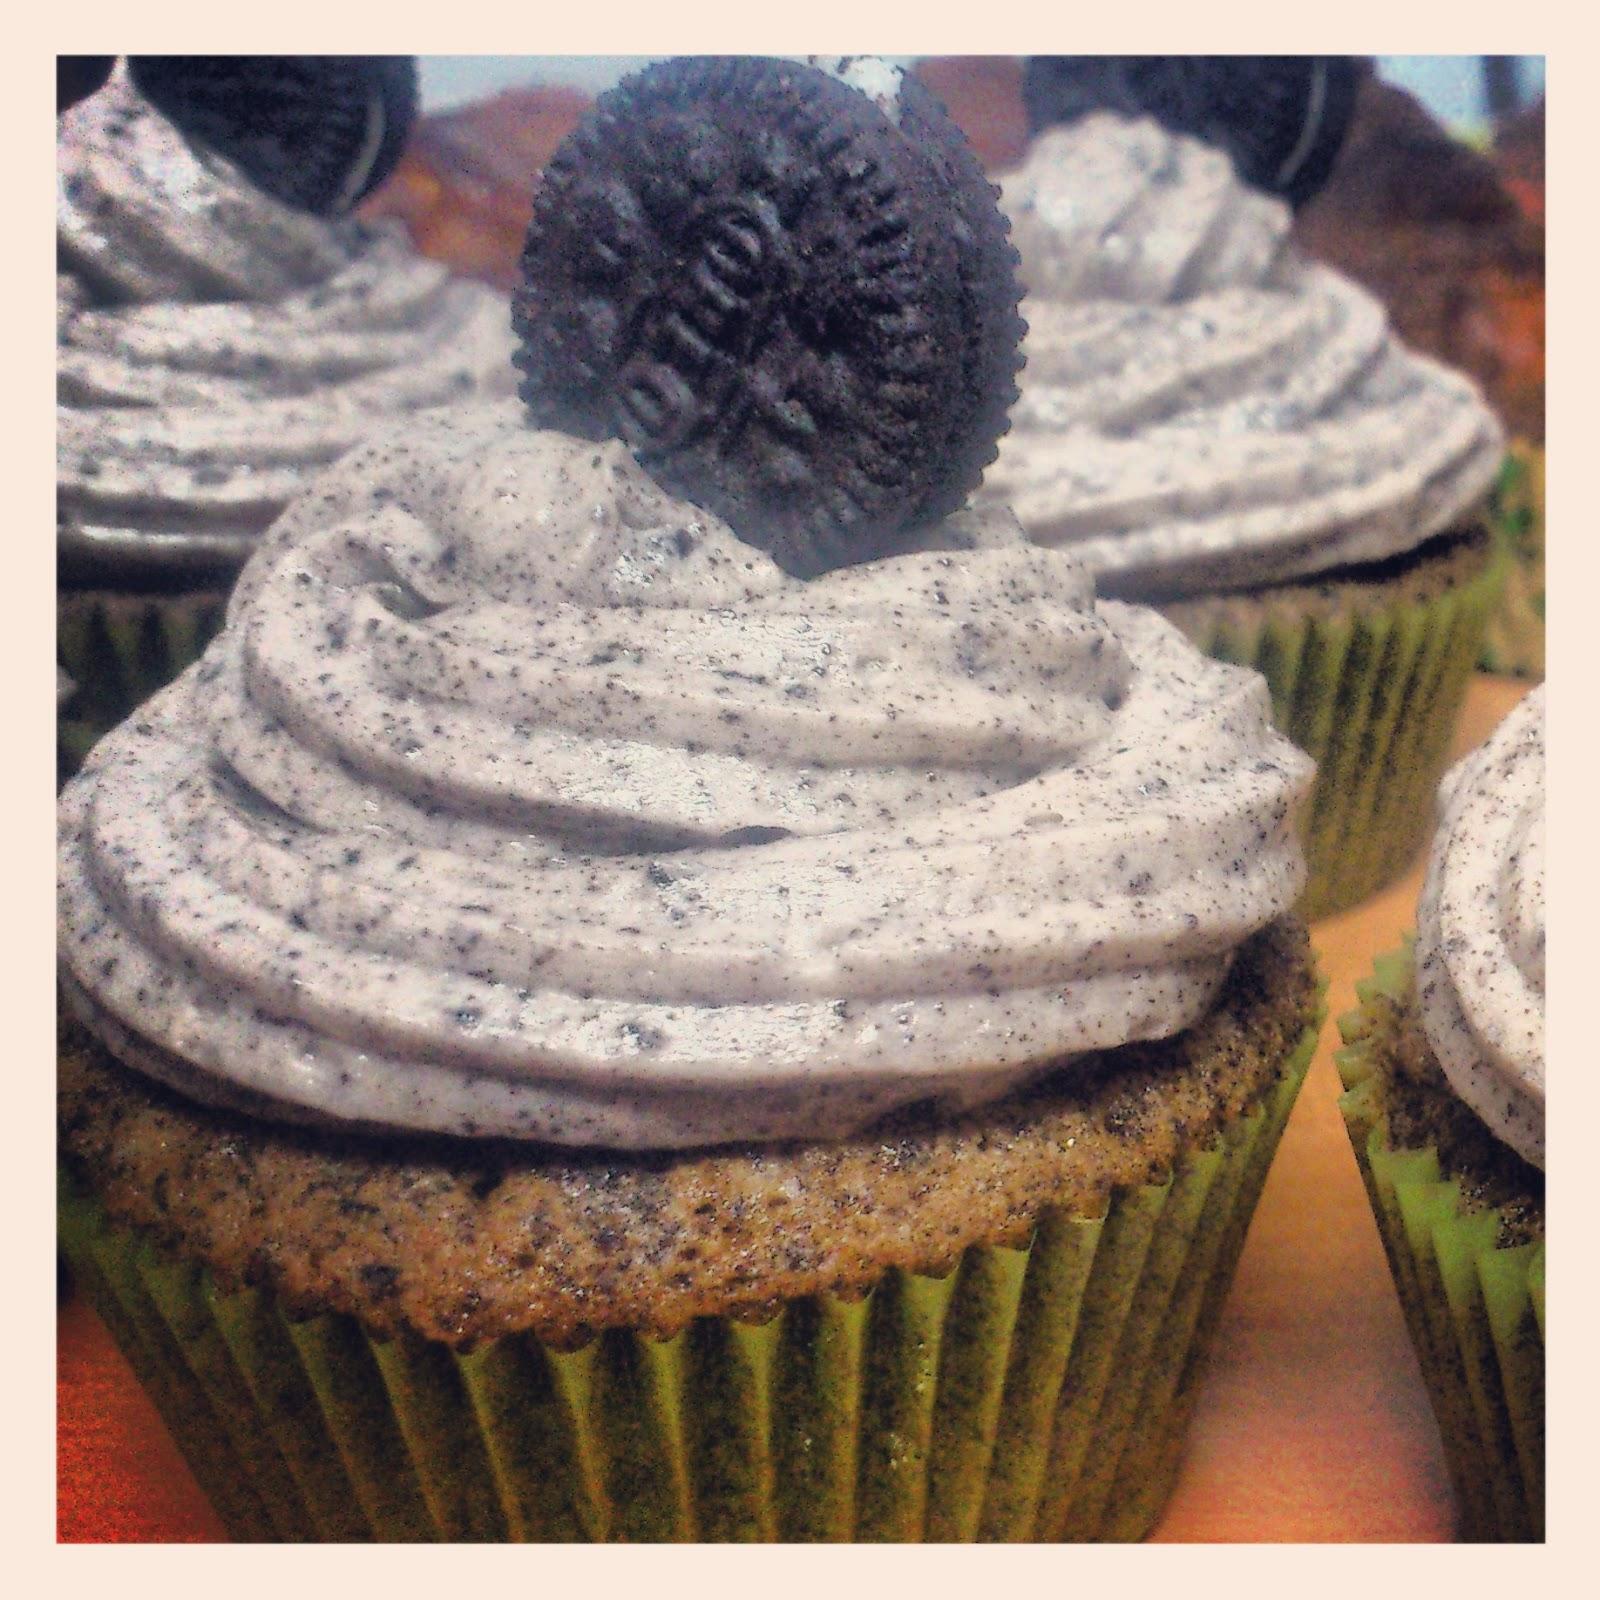 La cocina de leyre cupcakes de oreo - Cocinas leyre ...